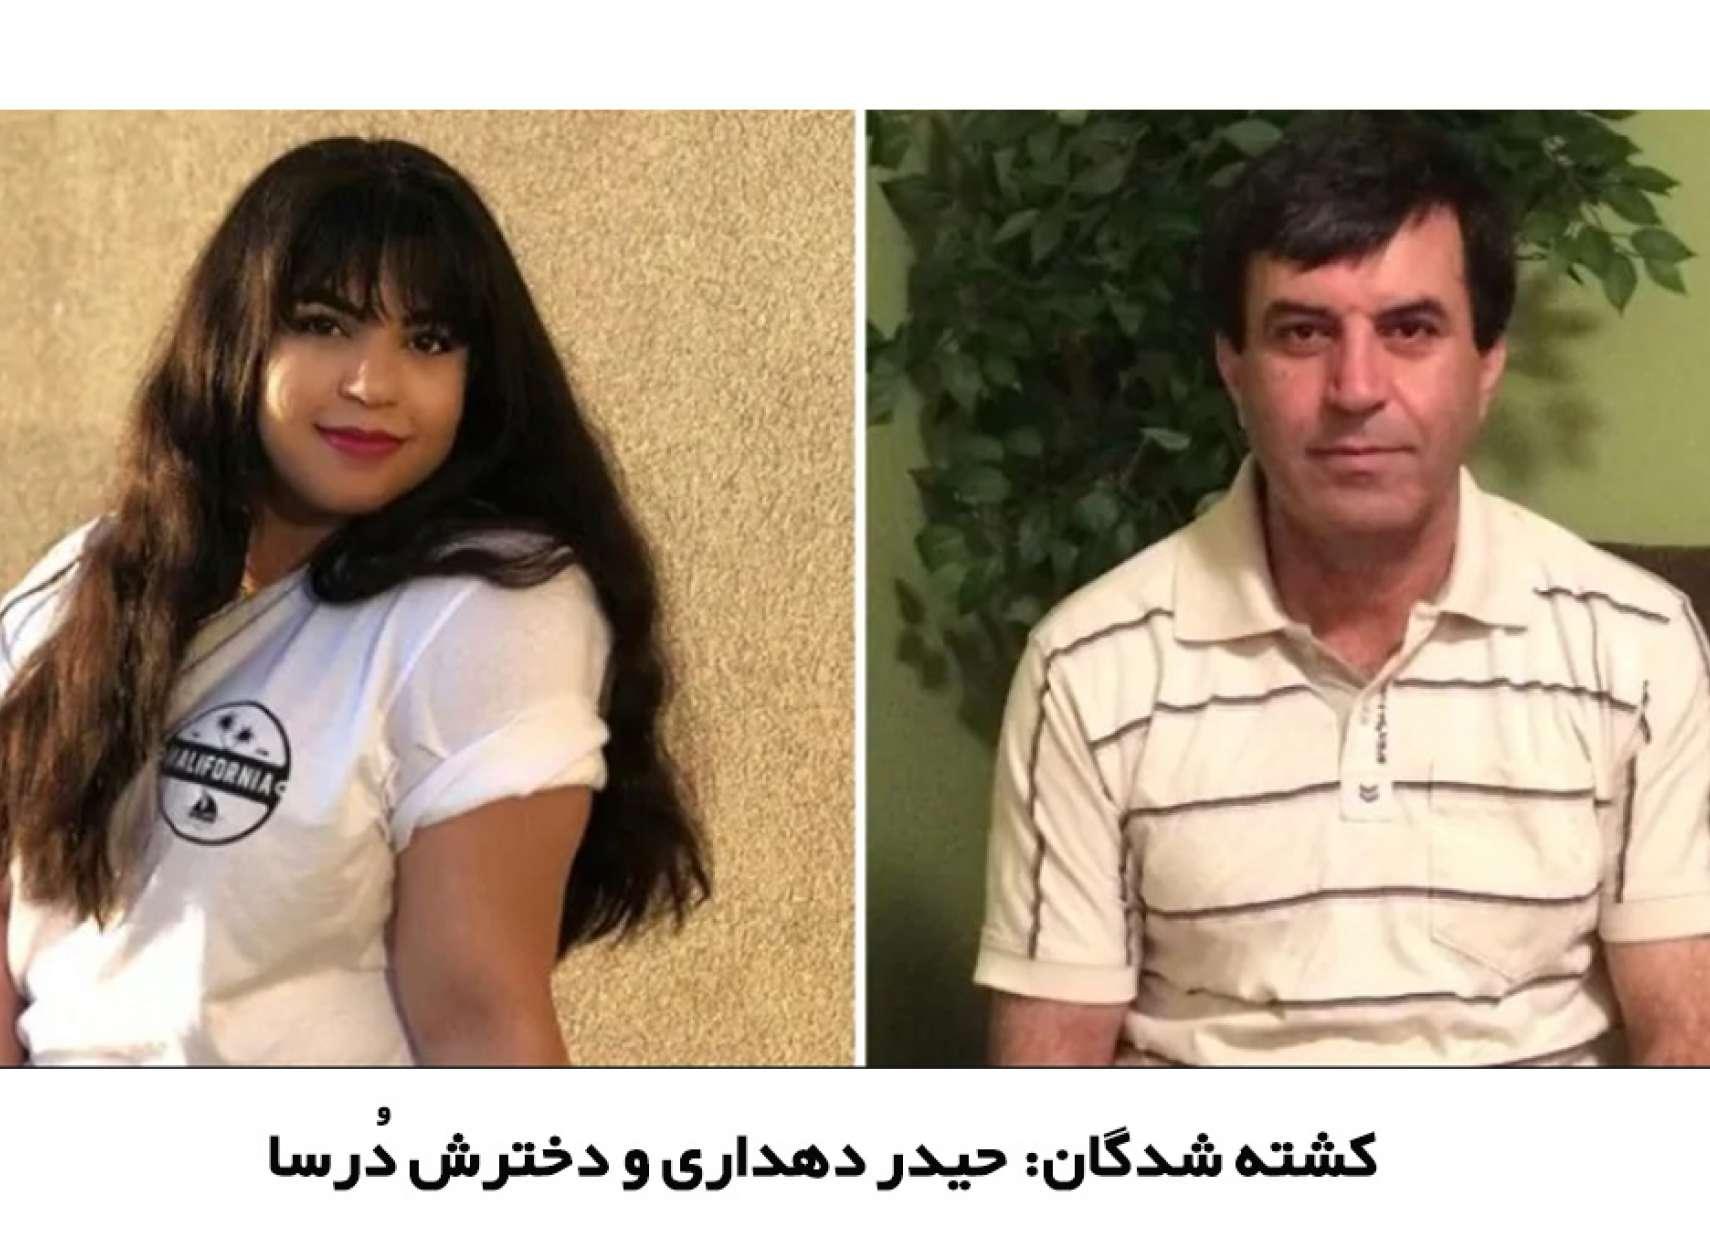 مرگ-پدر-ایرانی-حیدر-دهداری-که-دخترانش-درنا-درسا-را-در-آتش-سوزاند-کانادا-اخبار